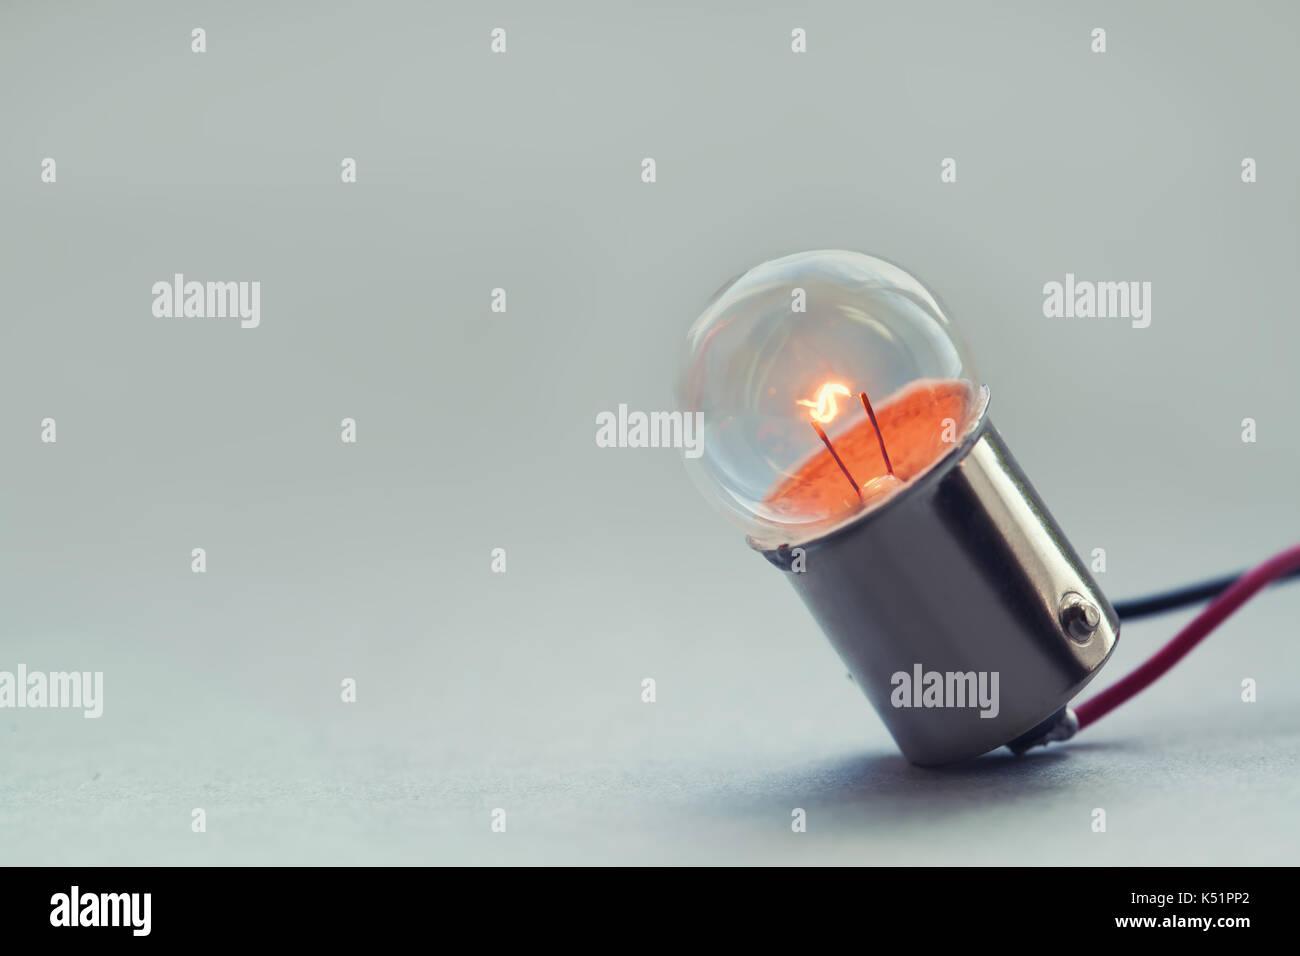 Close up leuchtende Glühbirne, Retro Style Glühlampe Makro anzeigen. Warme farben Hintergrund. Soft Focus. Platz kopieren Stockbild